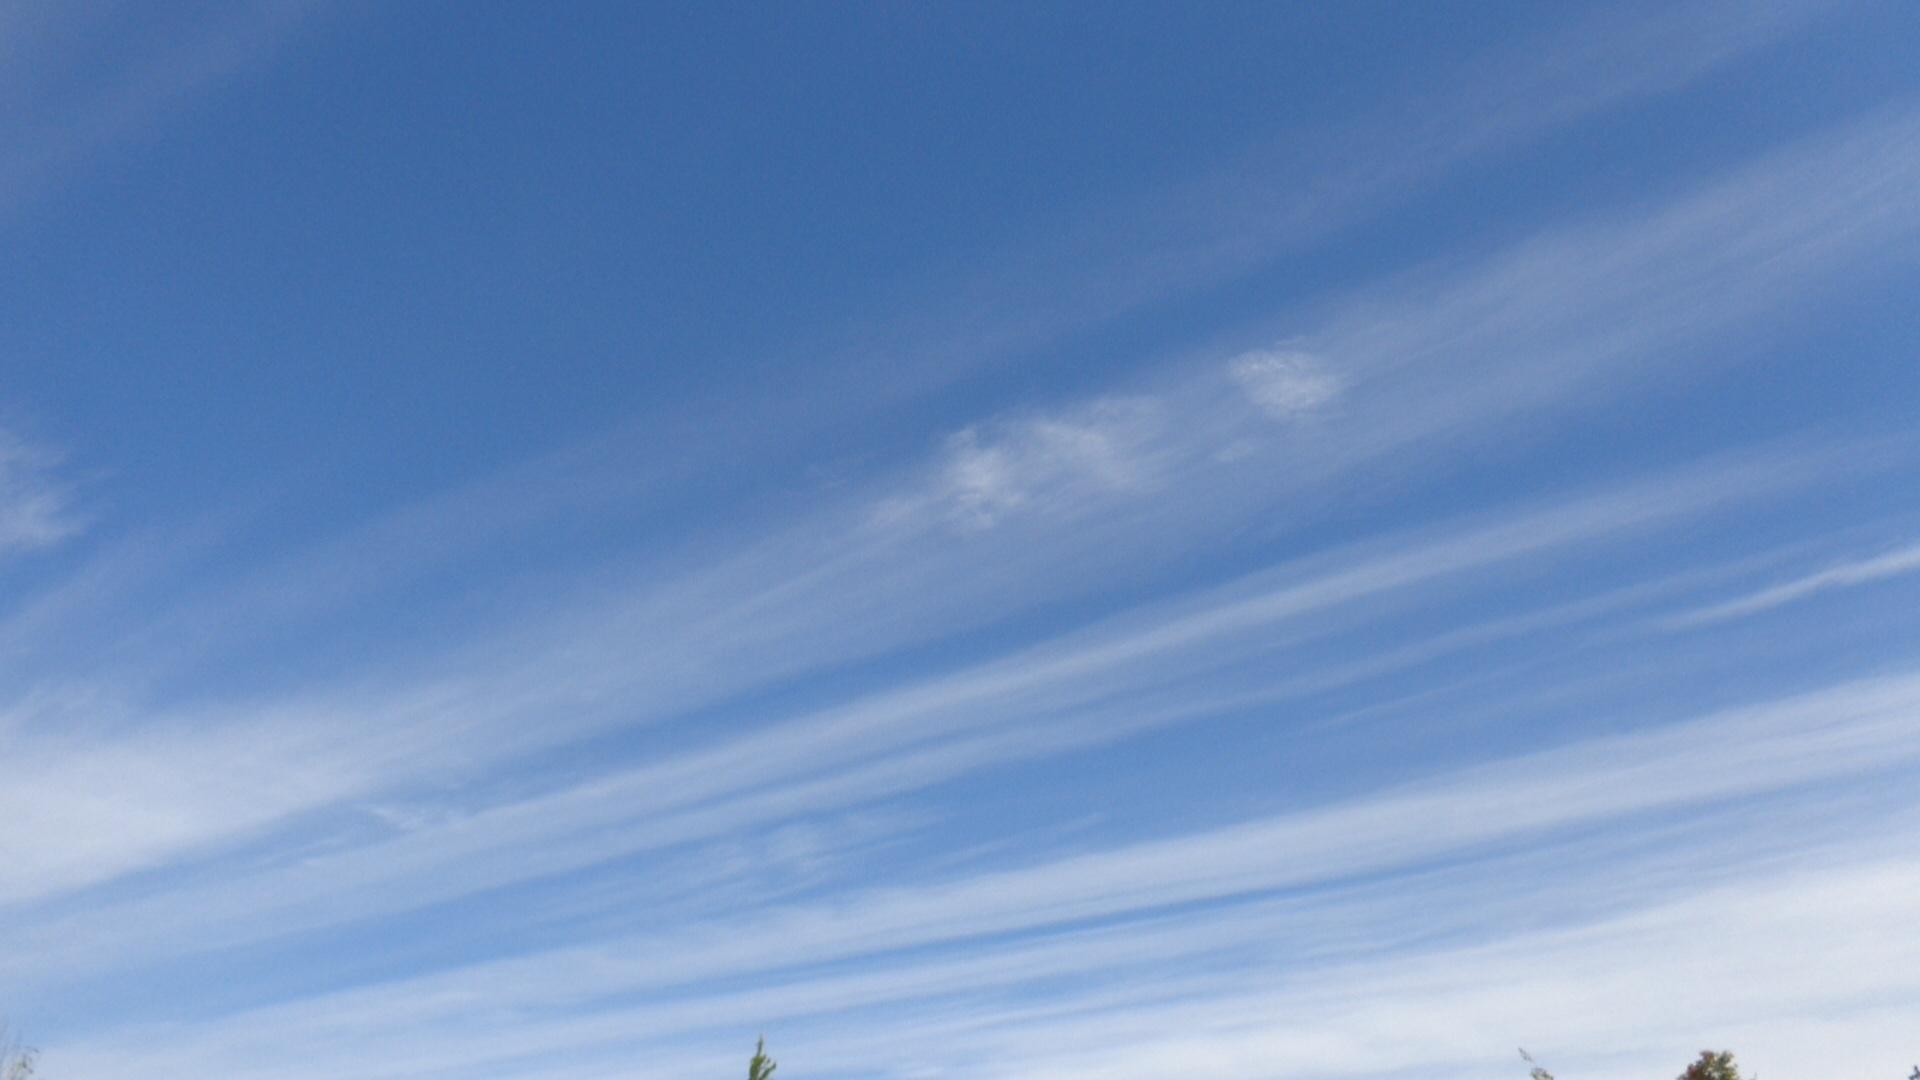 秋の空の下 「無ら里」にて_a0025572_23421296.jpg